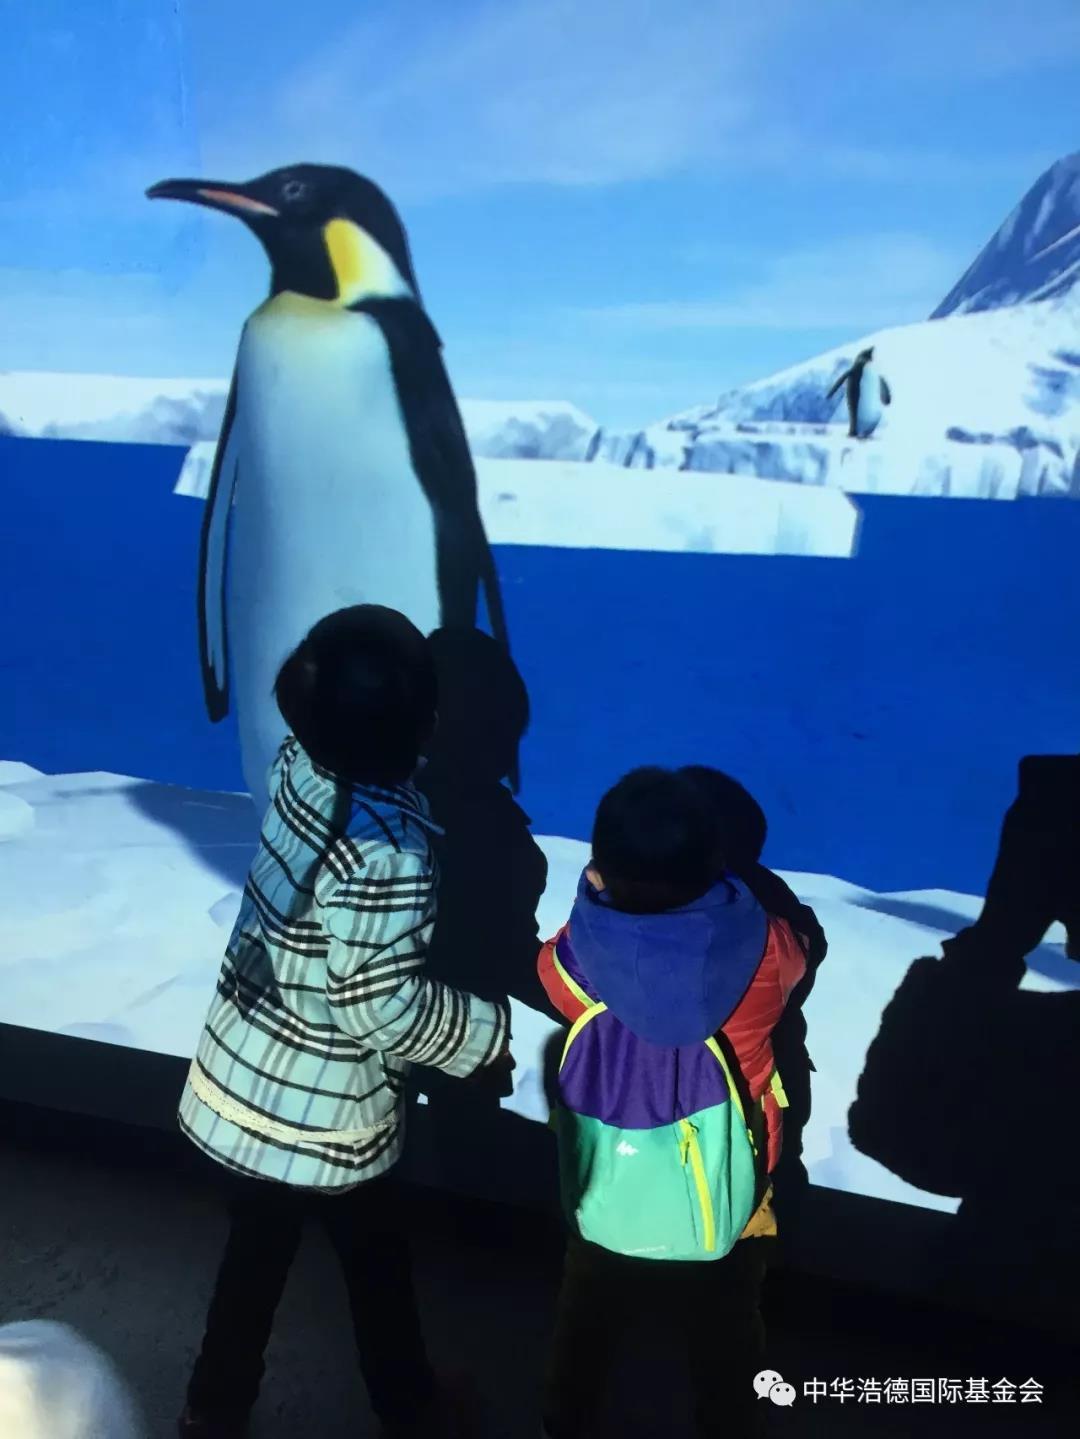 观看海豚剧场的动物表演时,舞台中央憨态可掬的海豹做出各种逗趣的